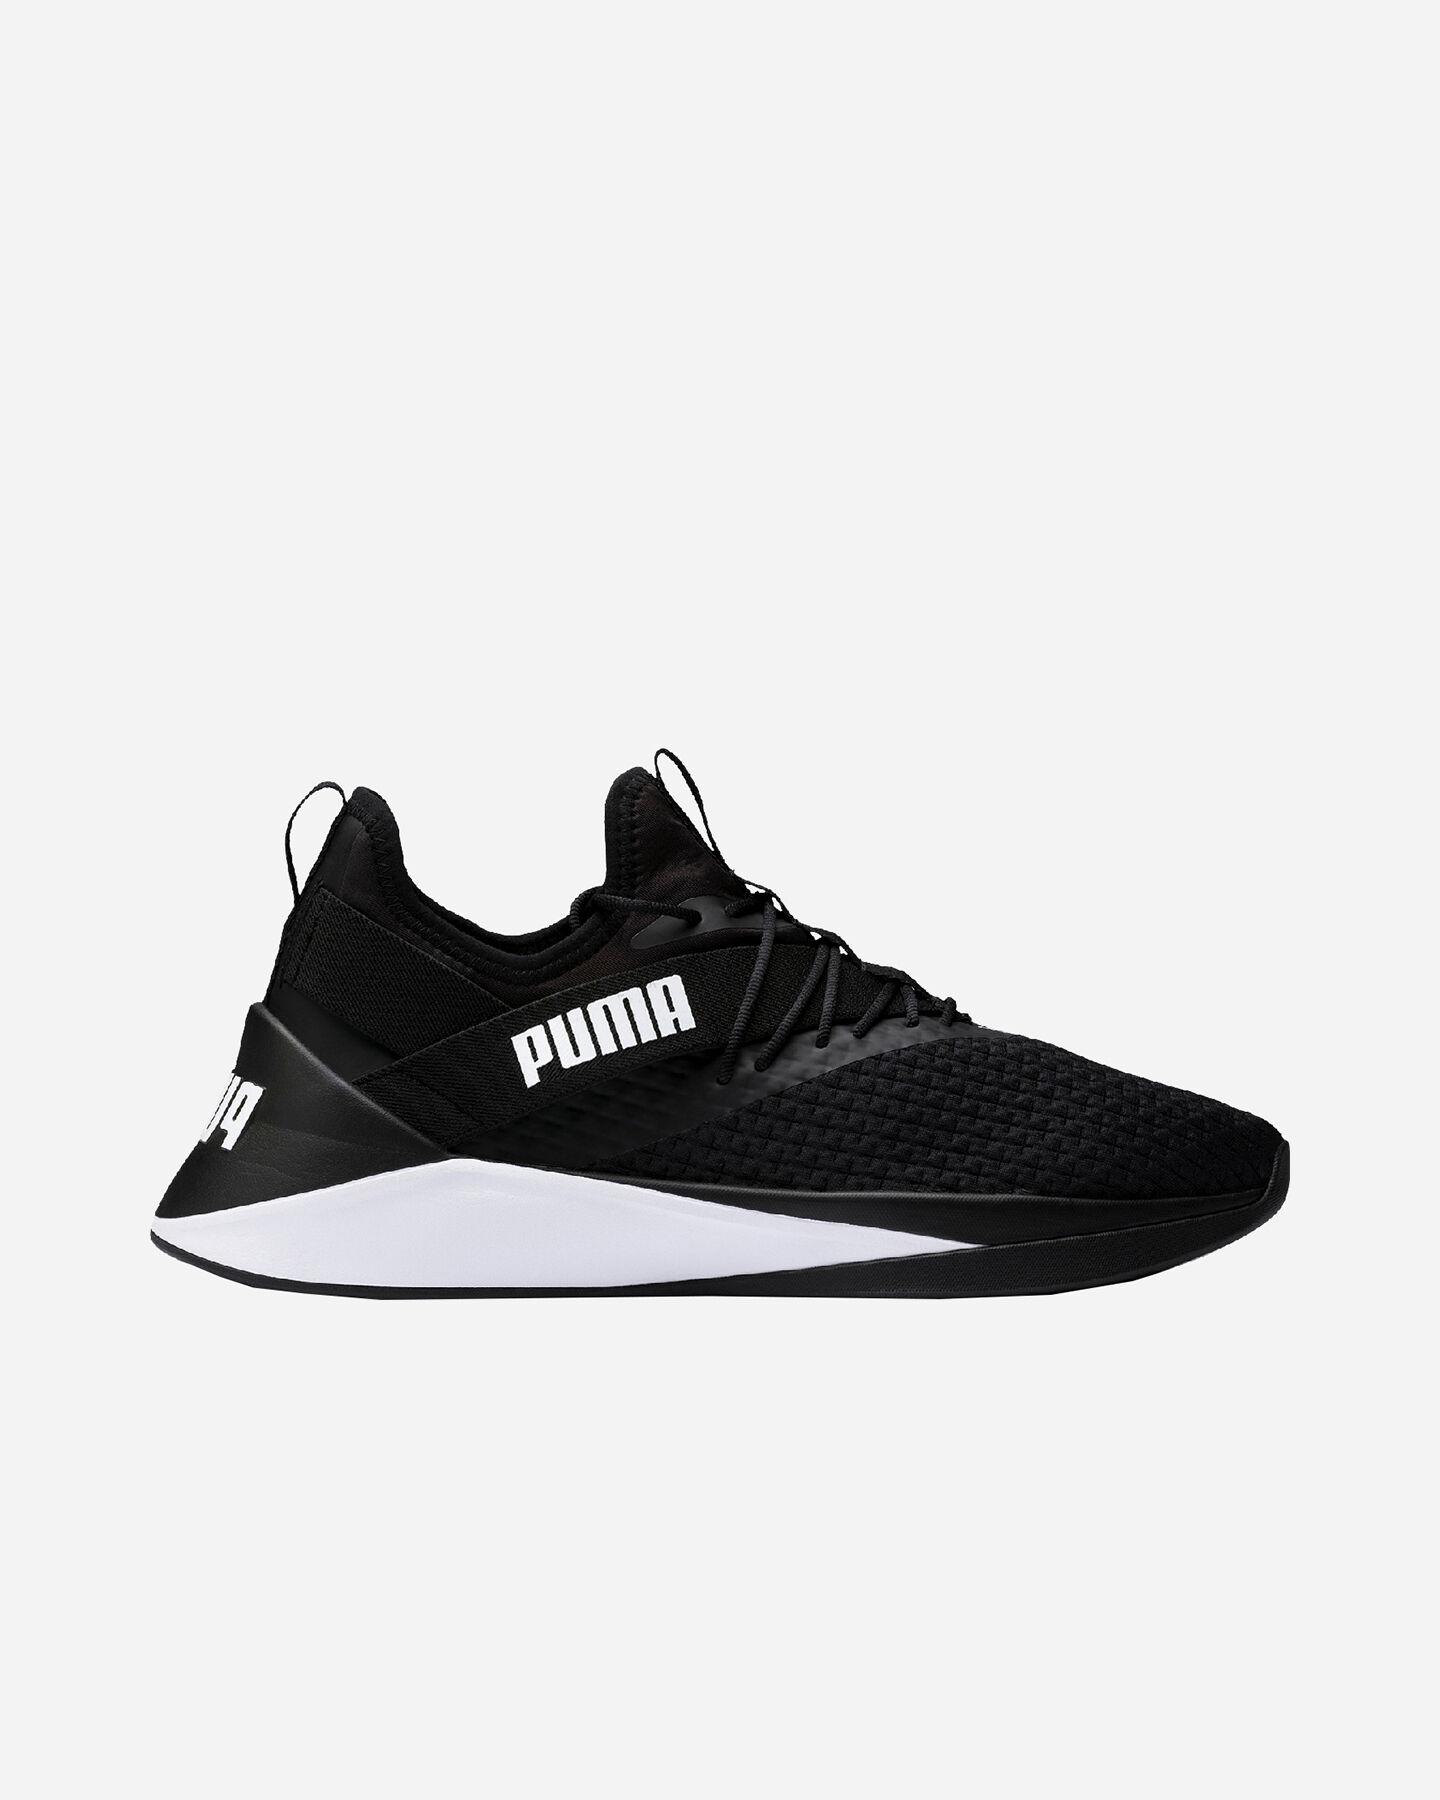 Puma uomo: abbigliamento e scarpe su Cisalfa Sport